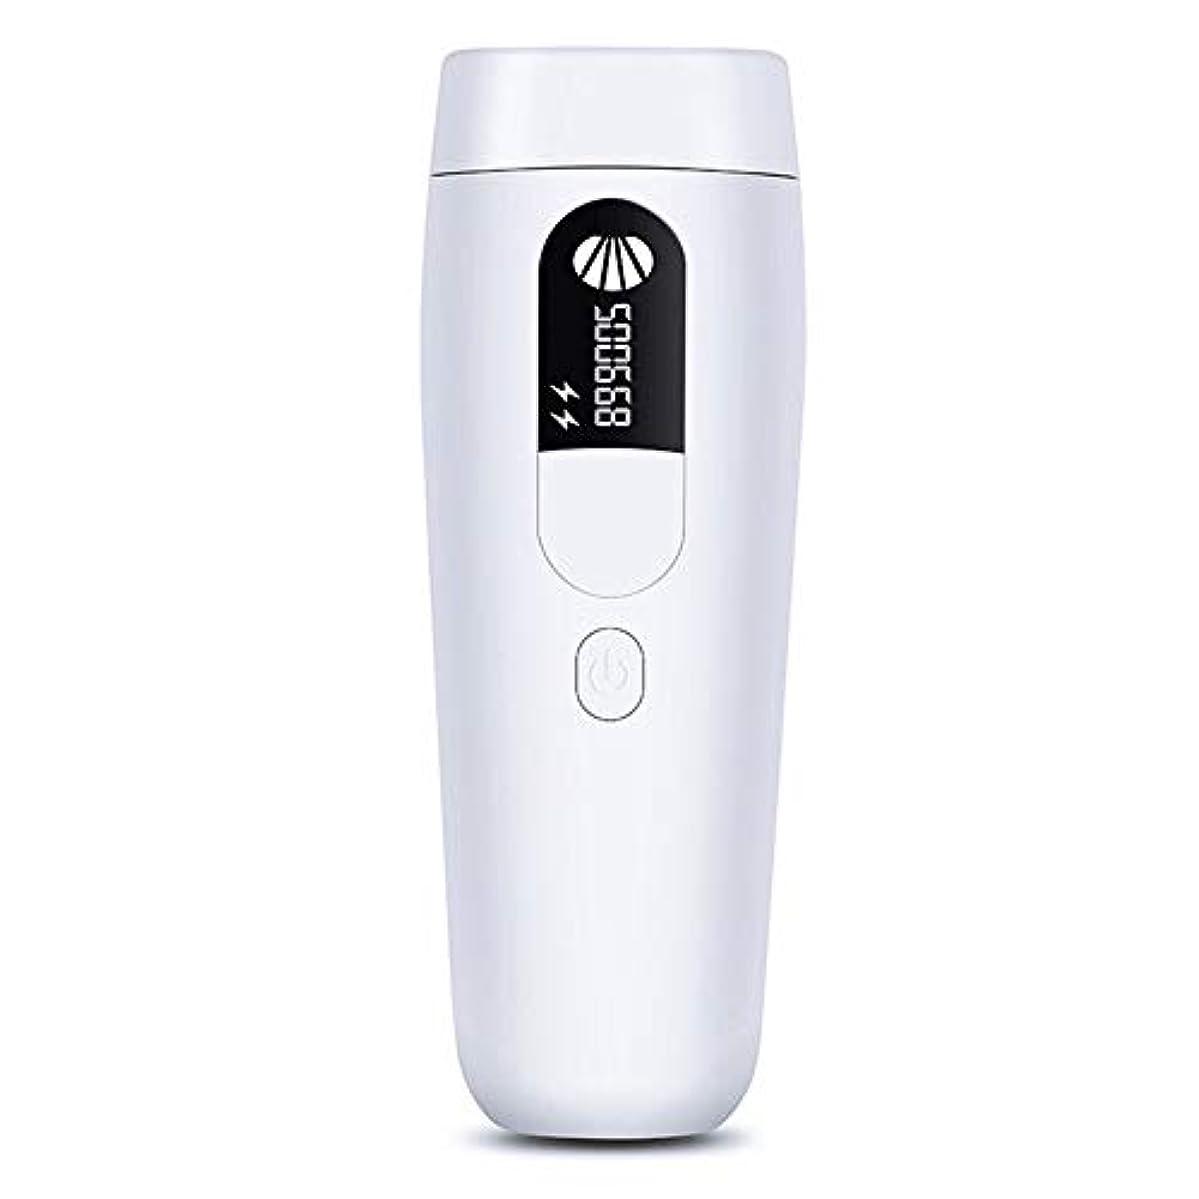 リングスピーチ蒸し器Nuanxin 自動、手動、2つのモード、インテリジェント誘導ポータブル無痛脱毛剤、5スピードレギュレーション、サイズ6x3.5x17cm F30